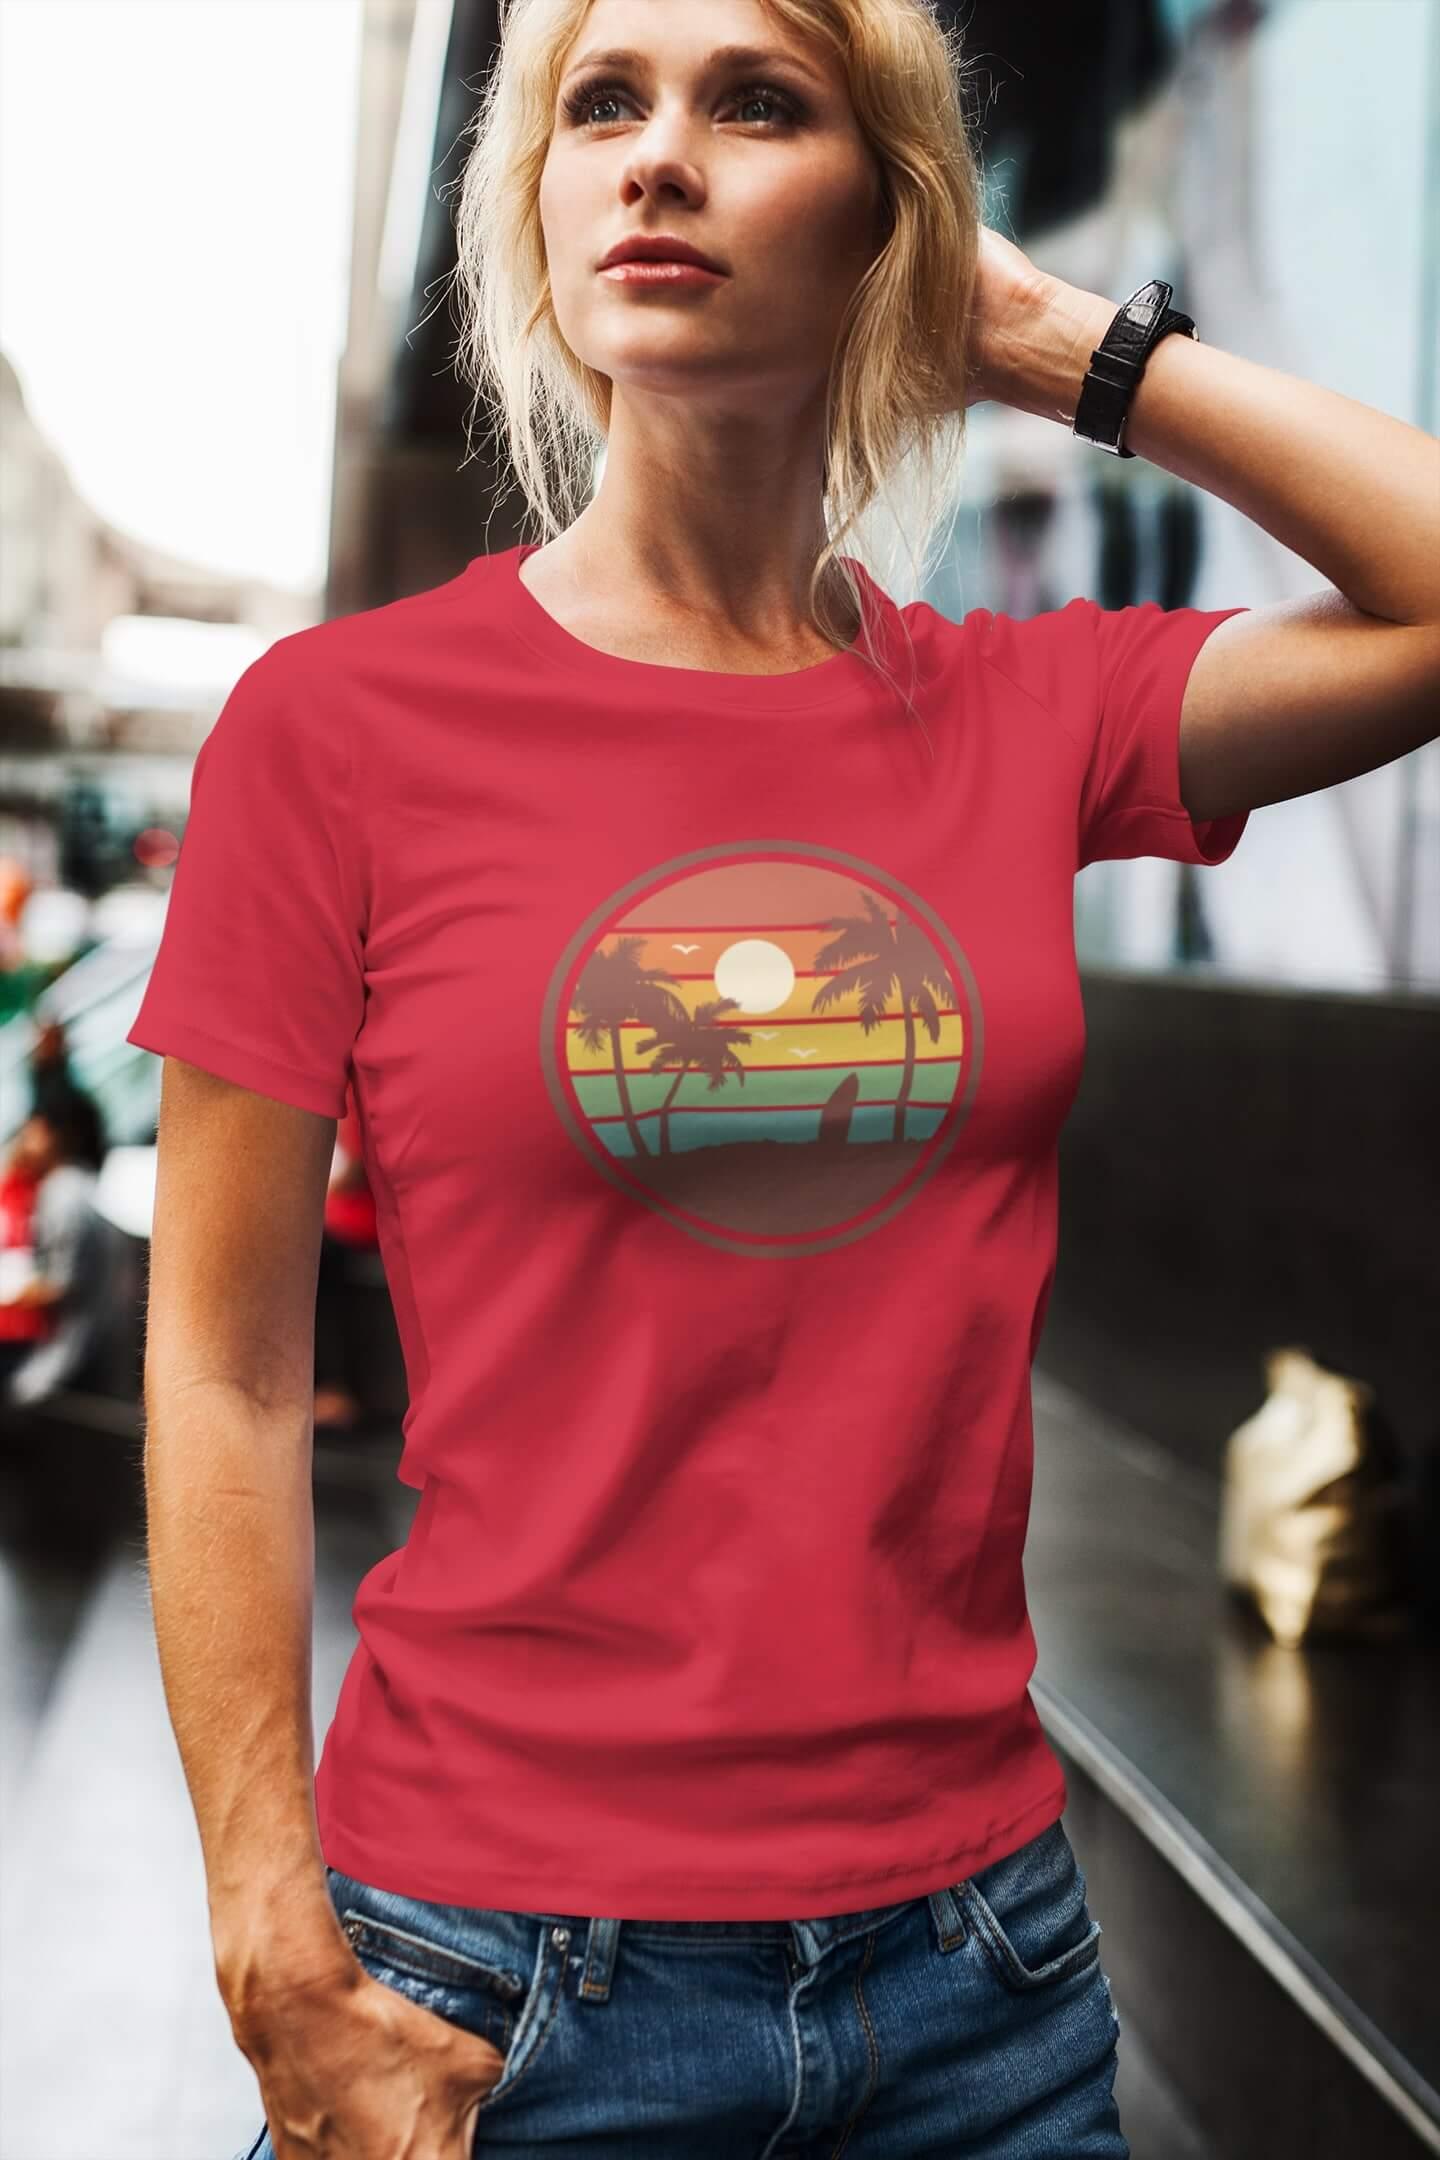 MMO Dámske tričko Pláž Vyberte farbu: Červená, Dámska veľkosť: M